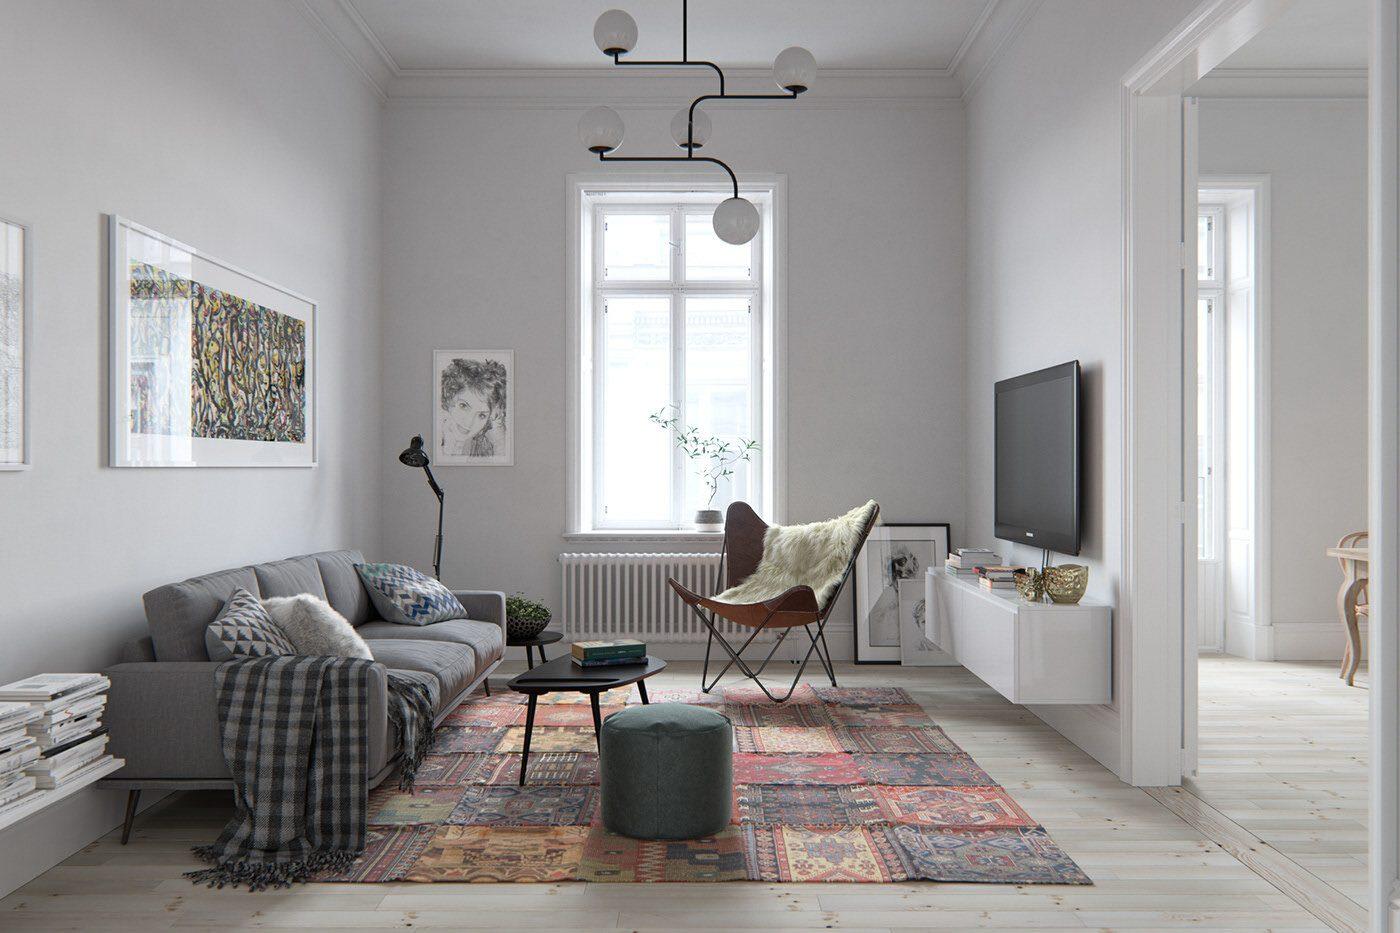 Nội thất phòng khách mang phong cách Scandinavian được yêu thích tại Việt Nam